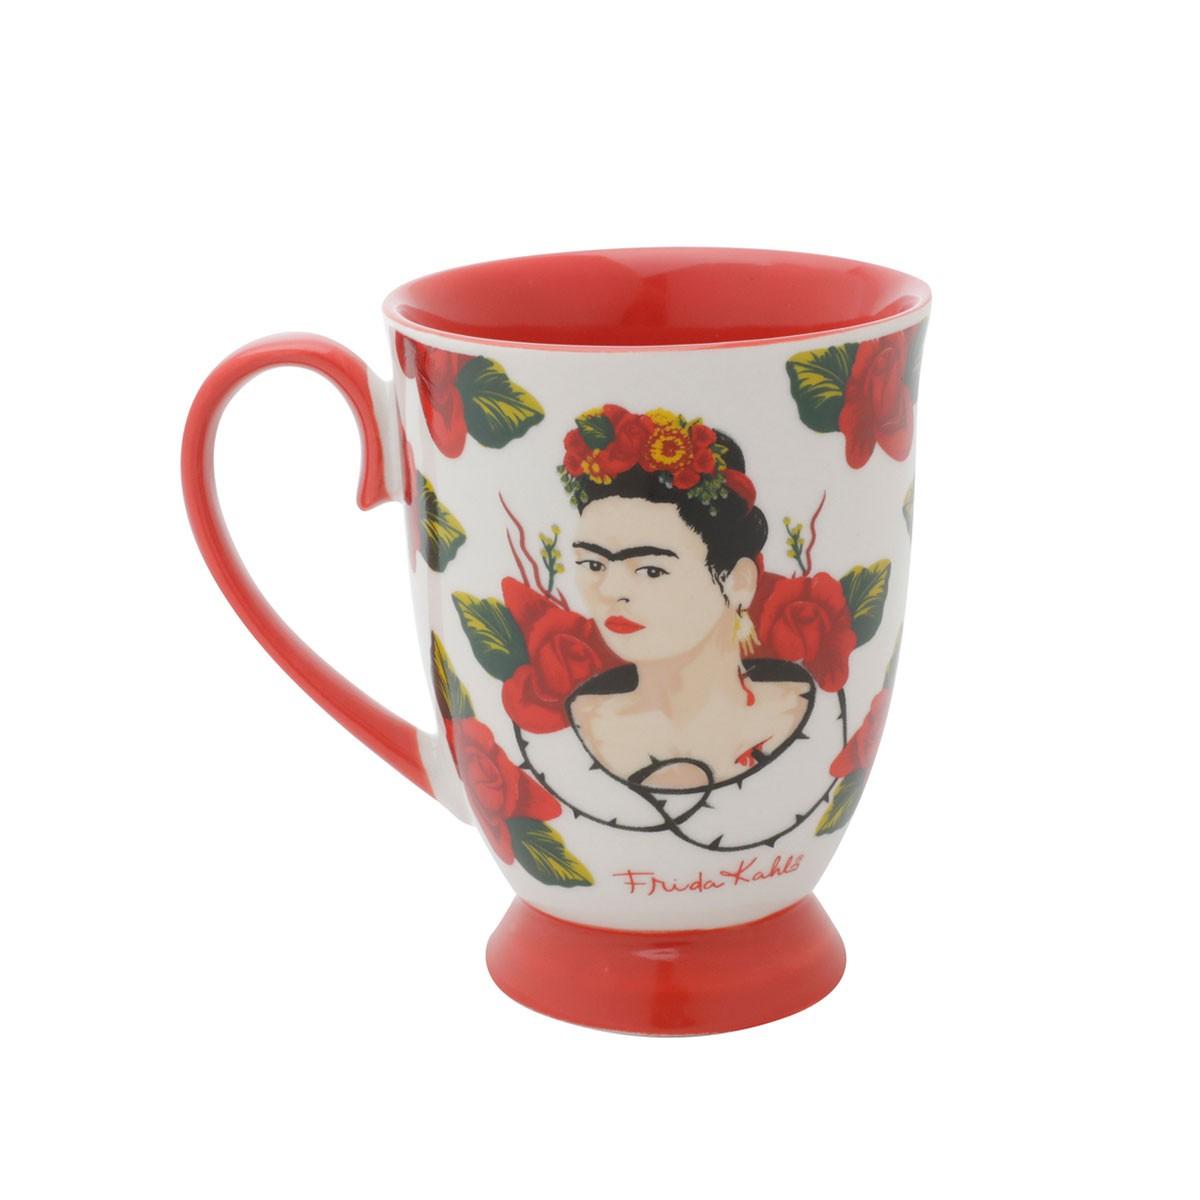 Caneca Porcelana Rococó Frida Kahlo Face Rosas Vermelhas